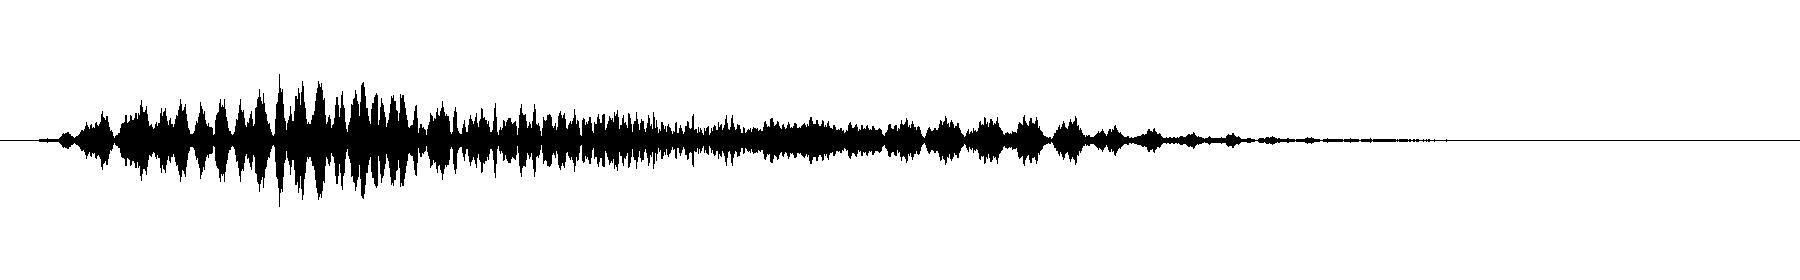 vocoder 1   1